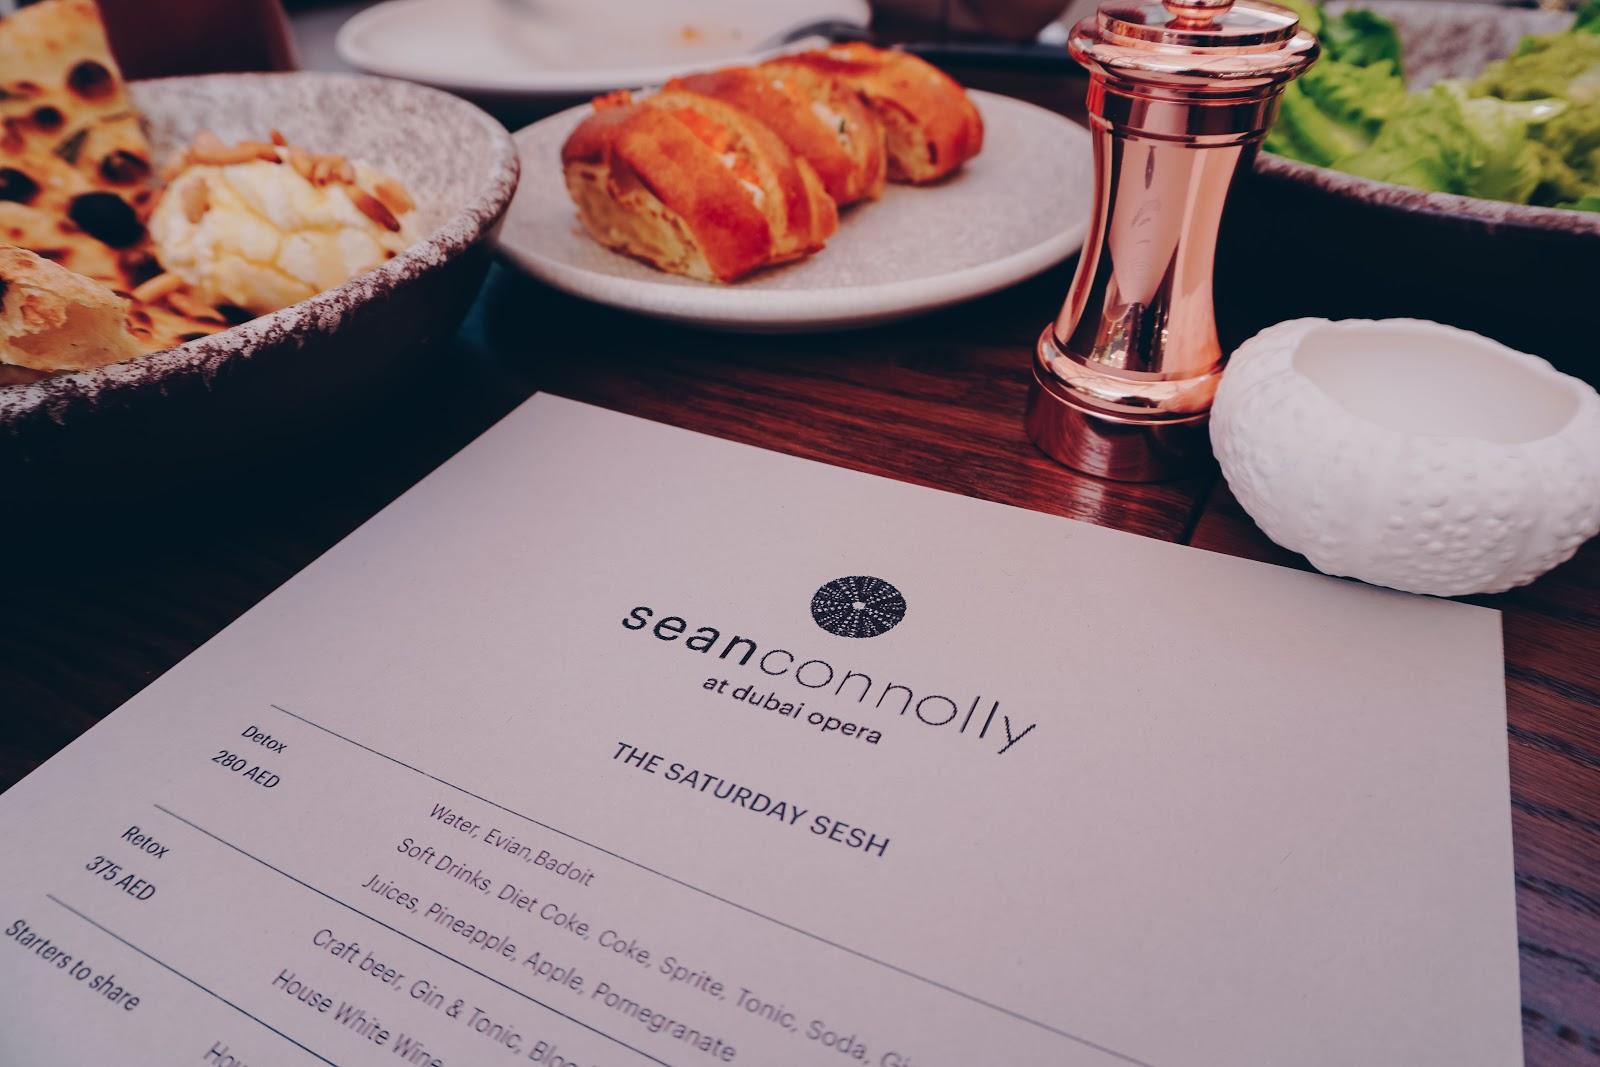 saturday brunch menu sean conolly